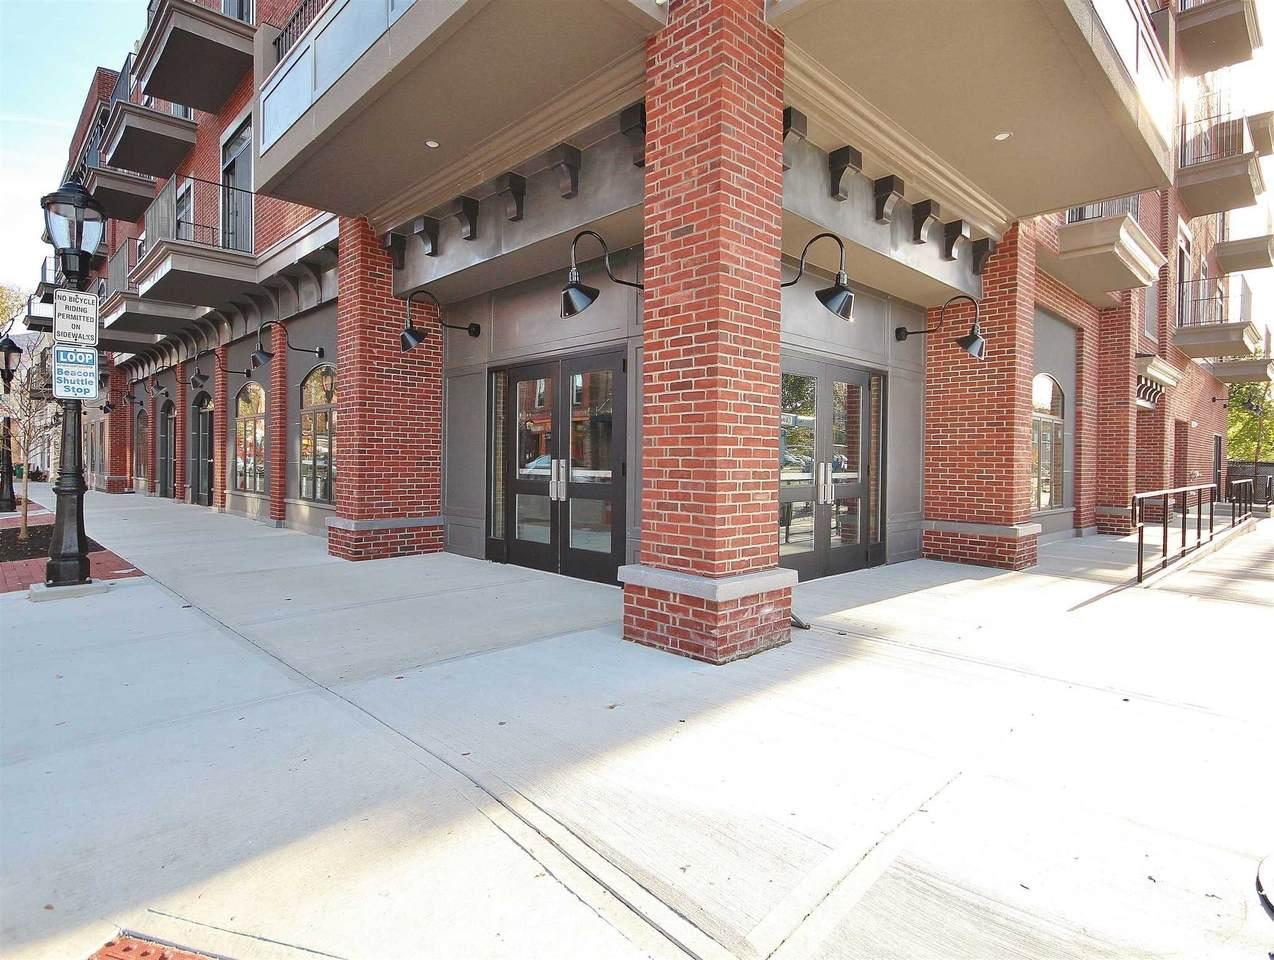 249 Main-Retail 102 St - Photo 1